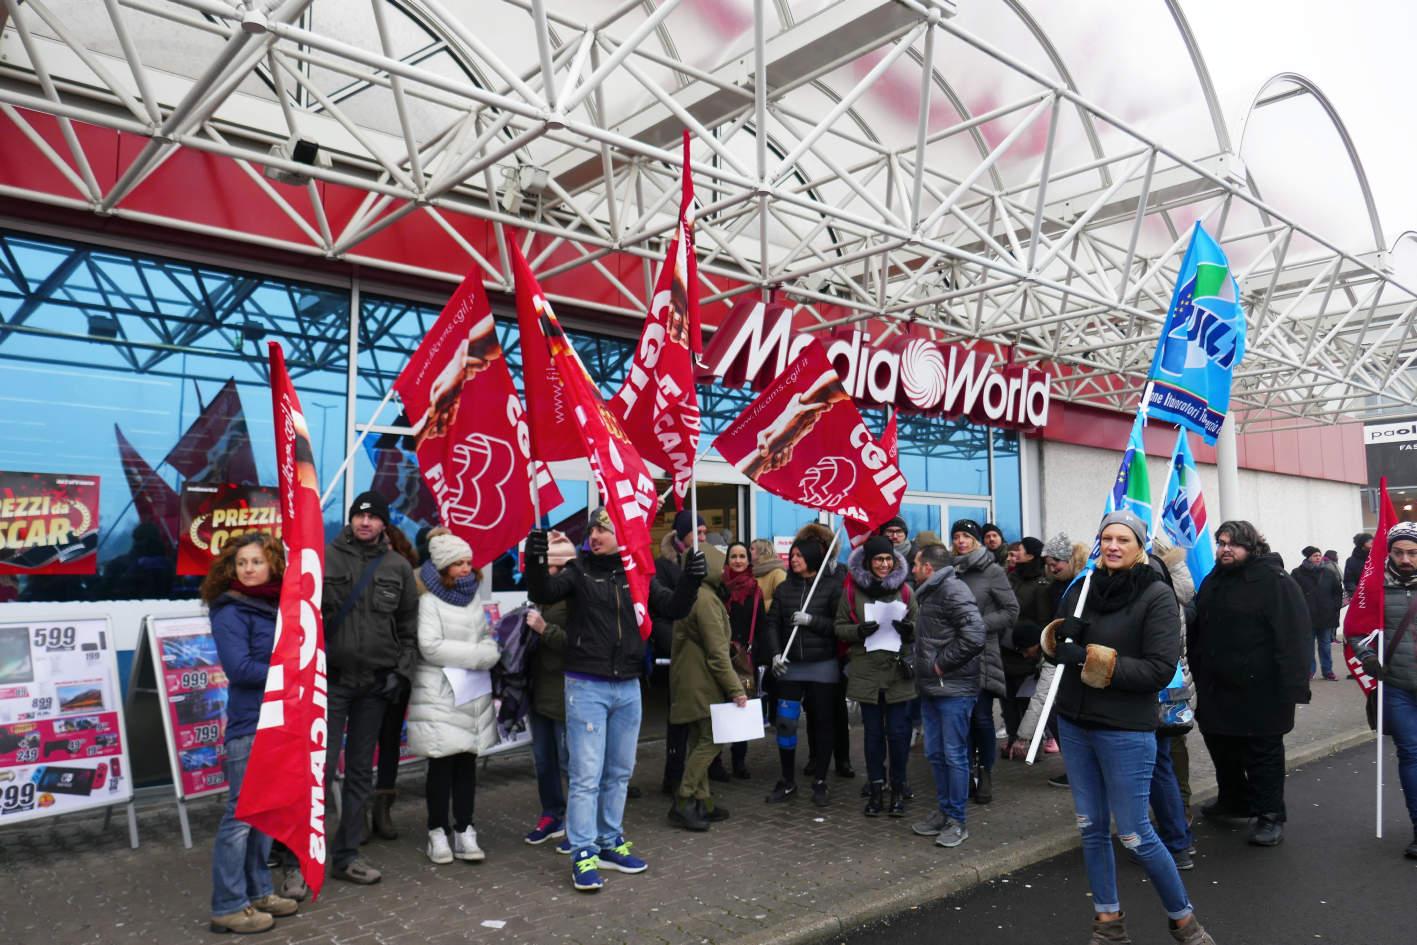 Mediaworld taglia il bonus domenicale la cisl sciopero for Costo seminterrato di sciopero